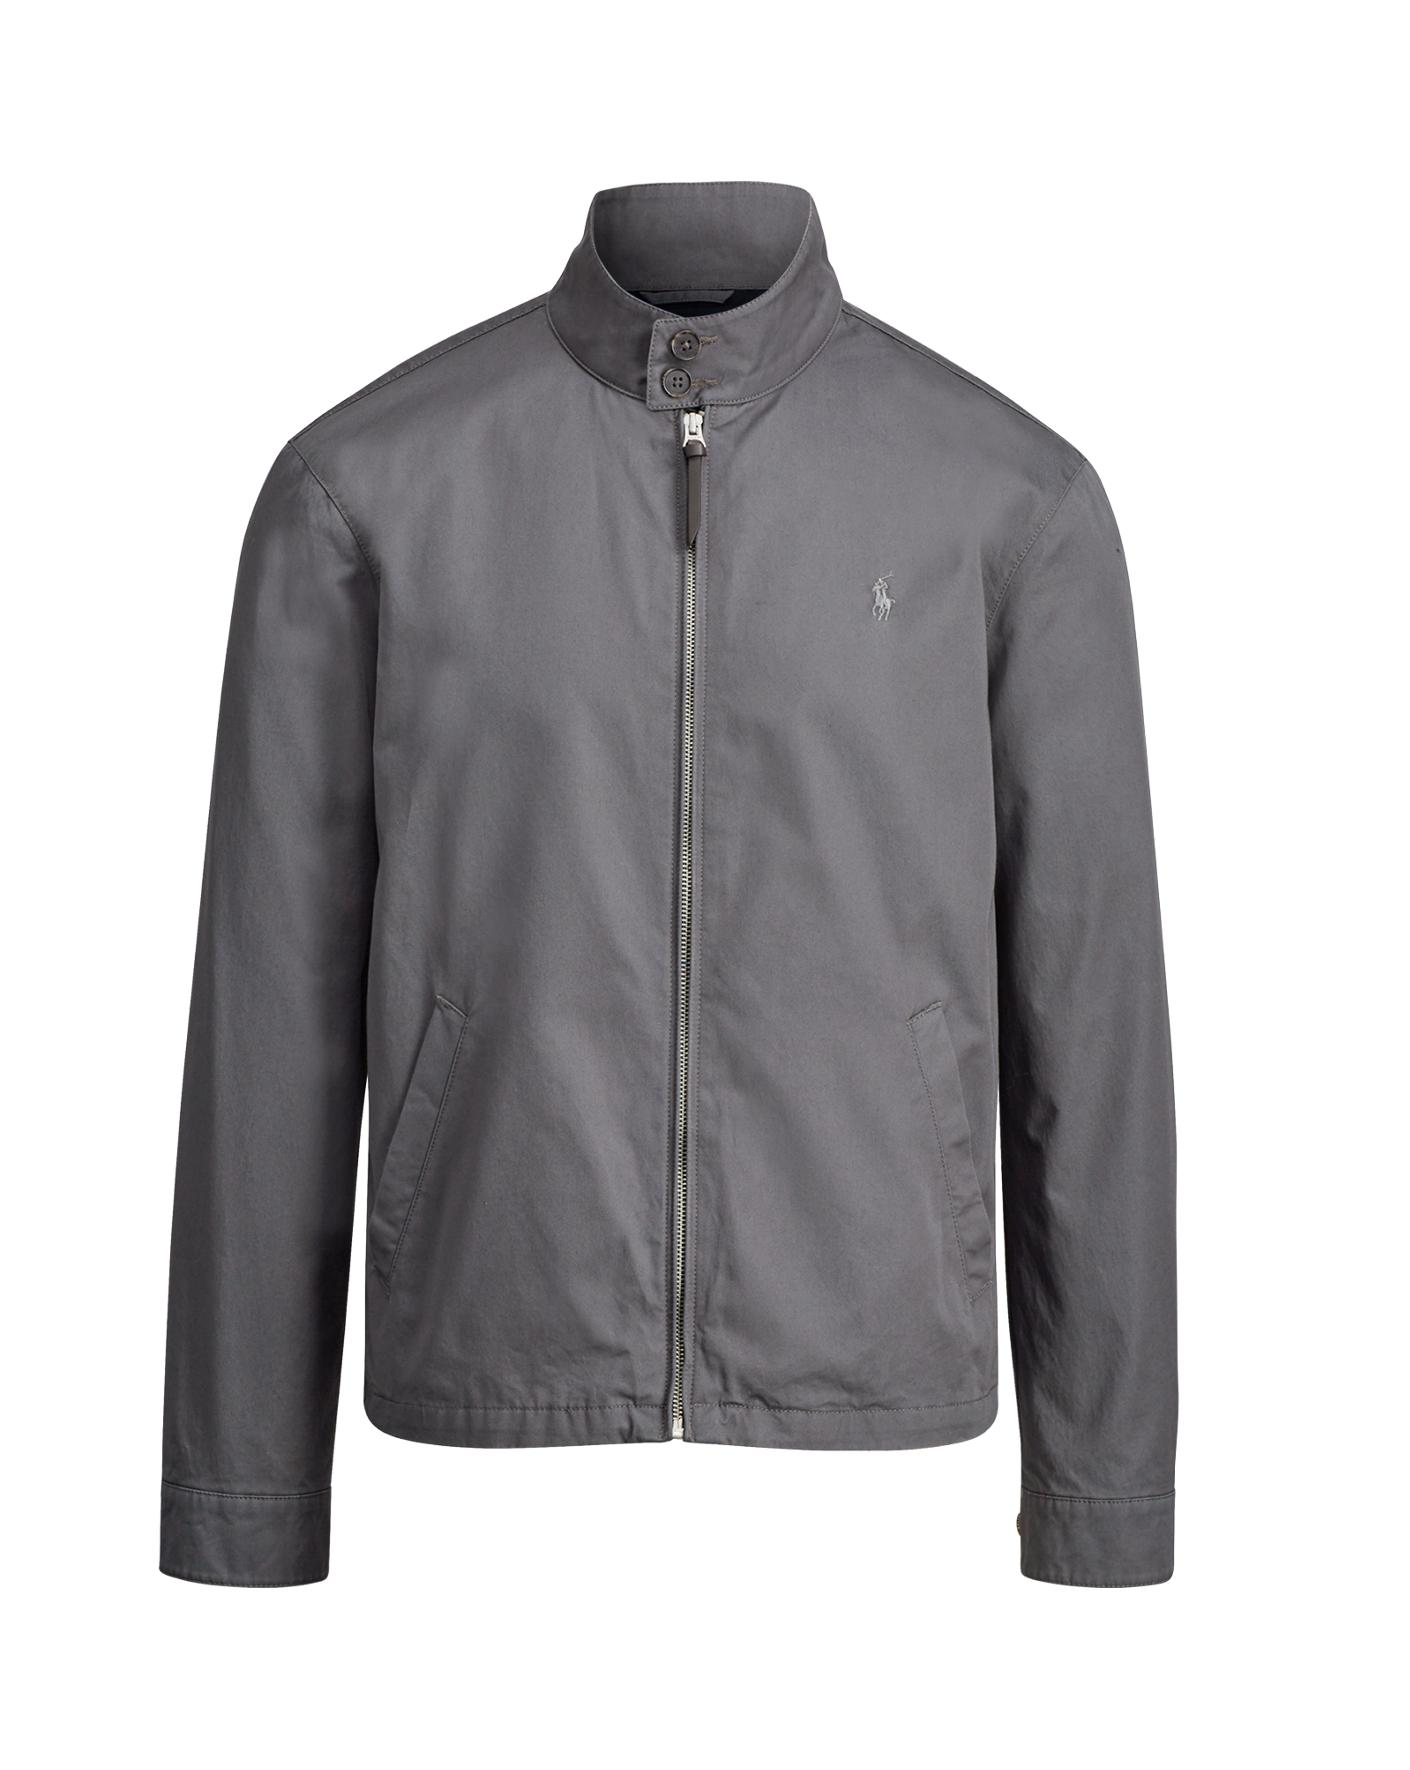 Men's Coats - Pea Coats, Trench Coats, Vests   Ralph Lauren